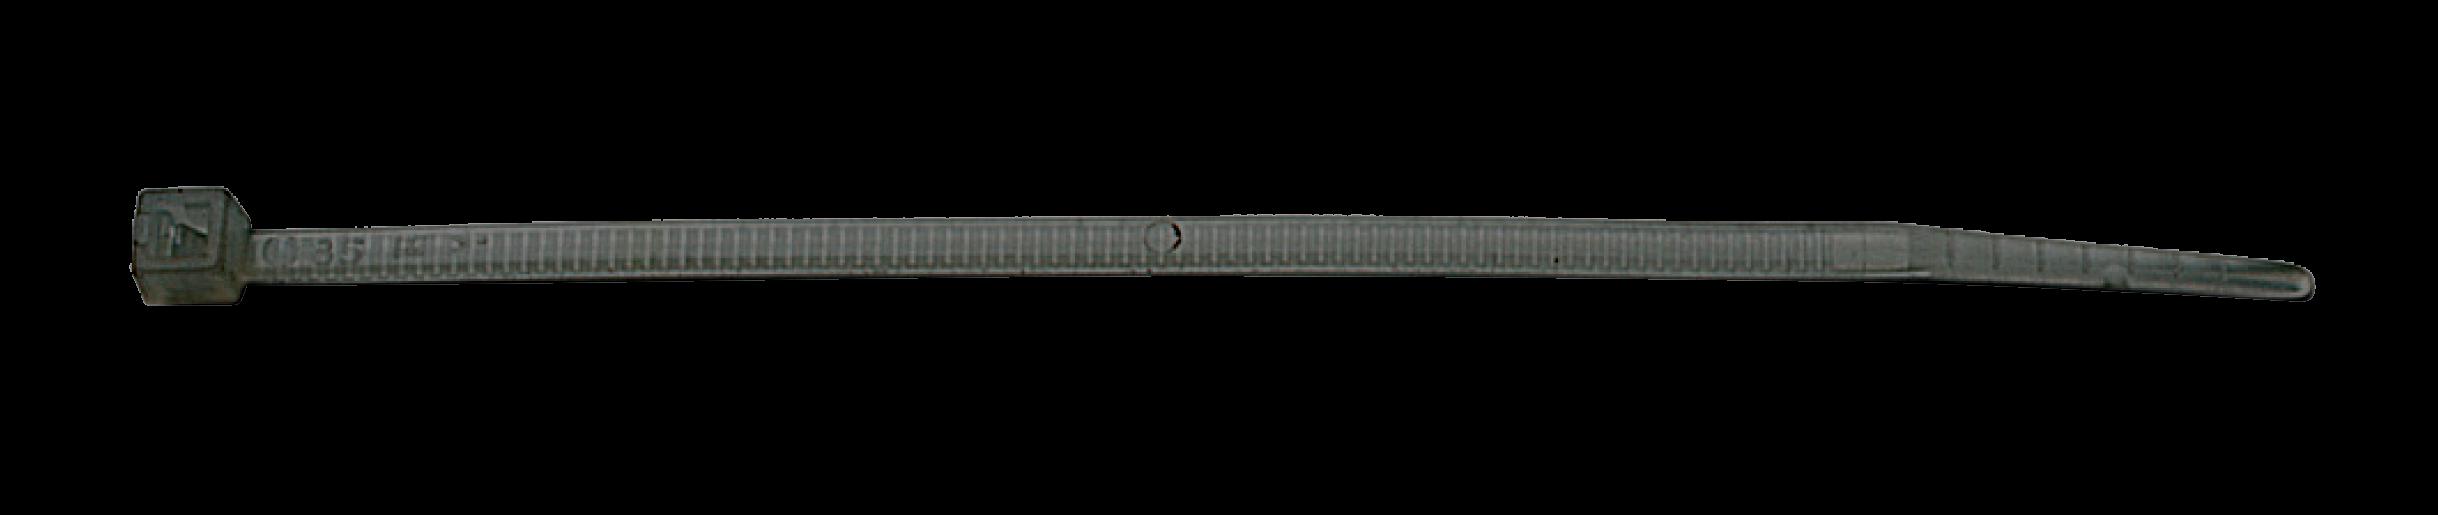 Стяжка чорна 390х4.8 ELEMATIC